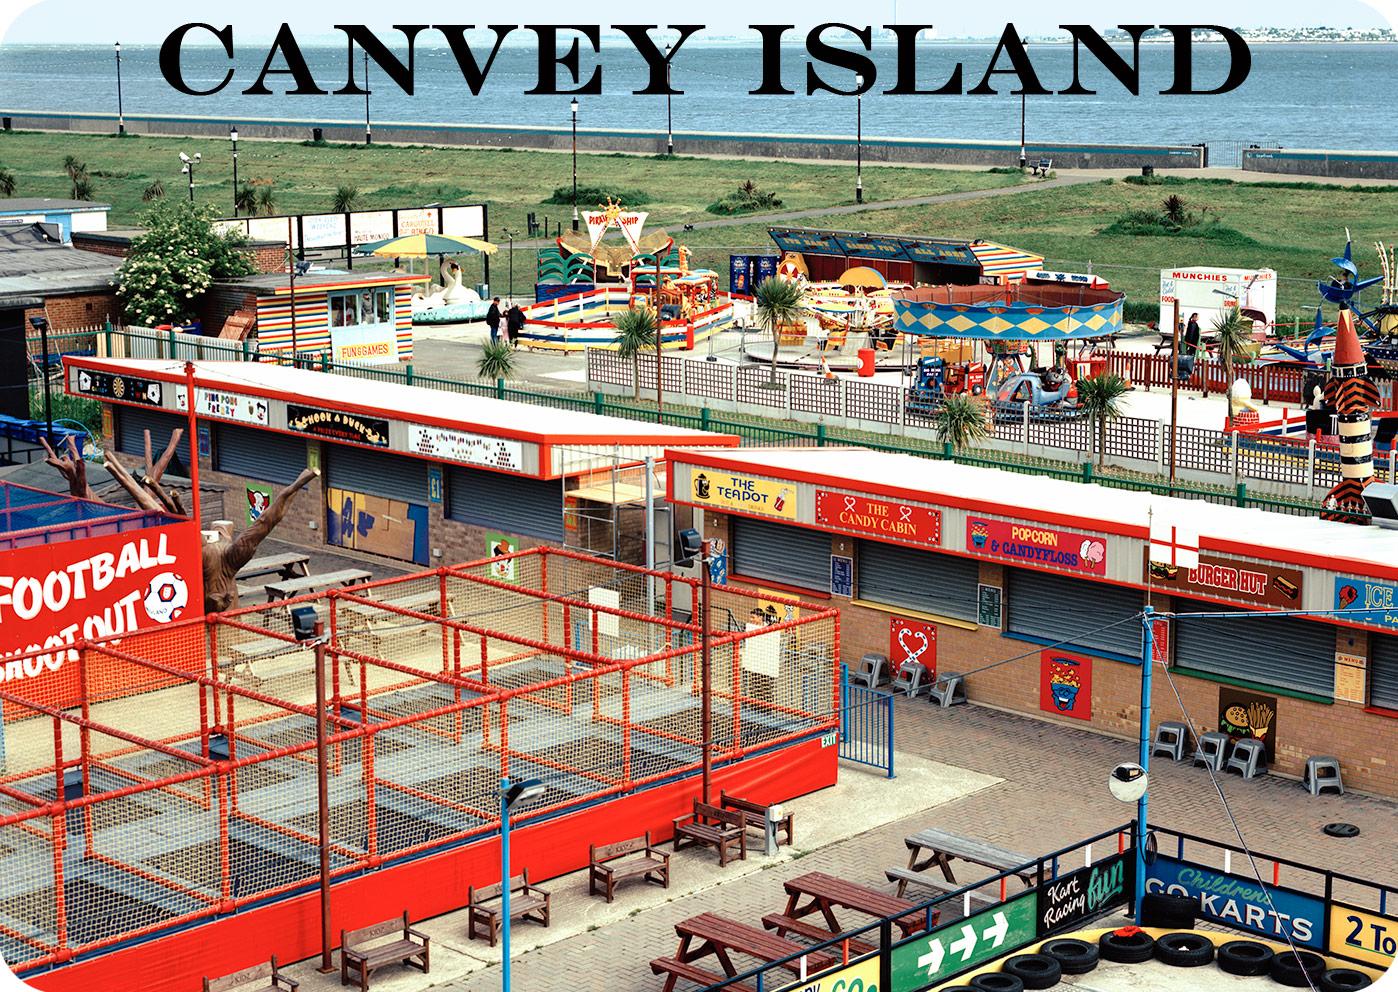 Canveyislandblack.jpg